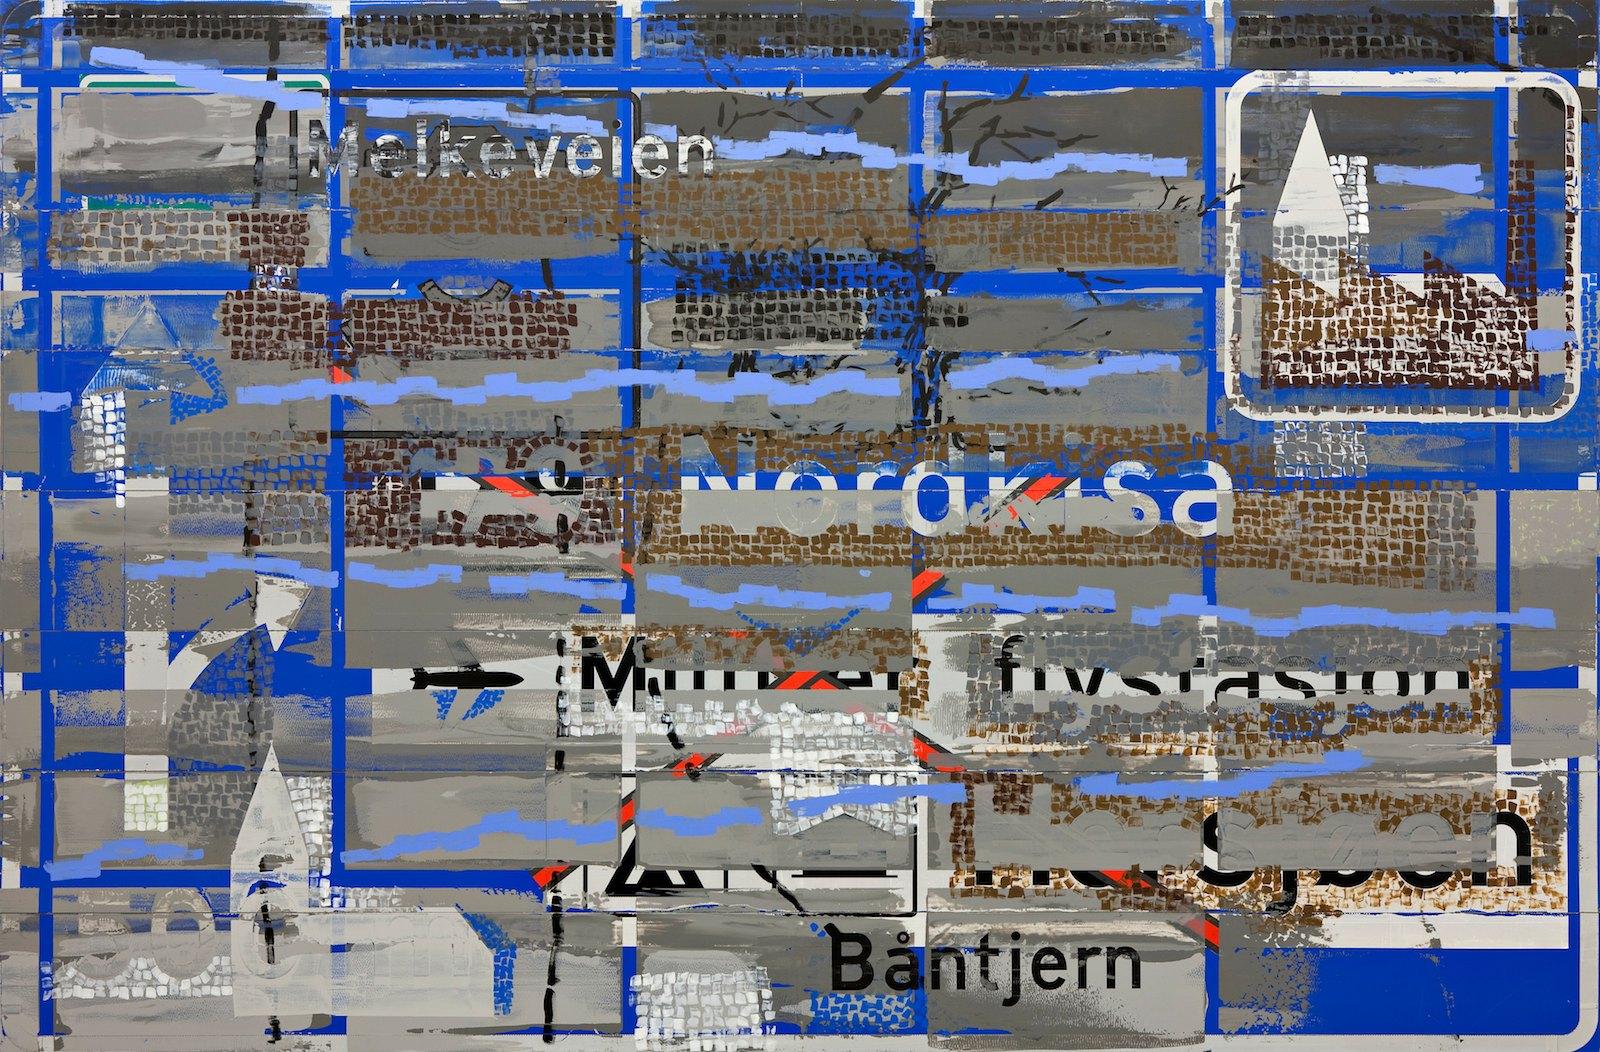 Nordkisa II, 2008-2010, acrylic on used sign board, 292 x 441 cm